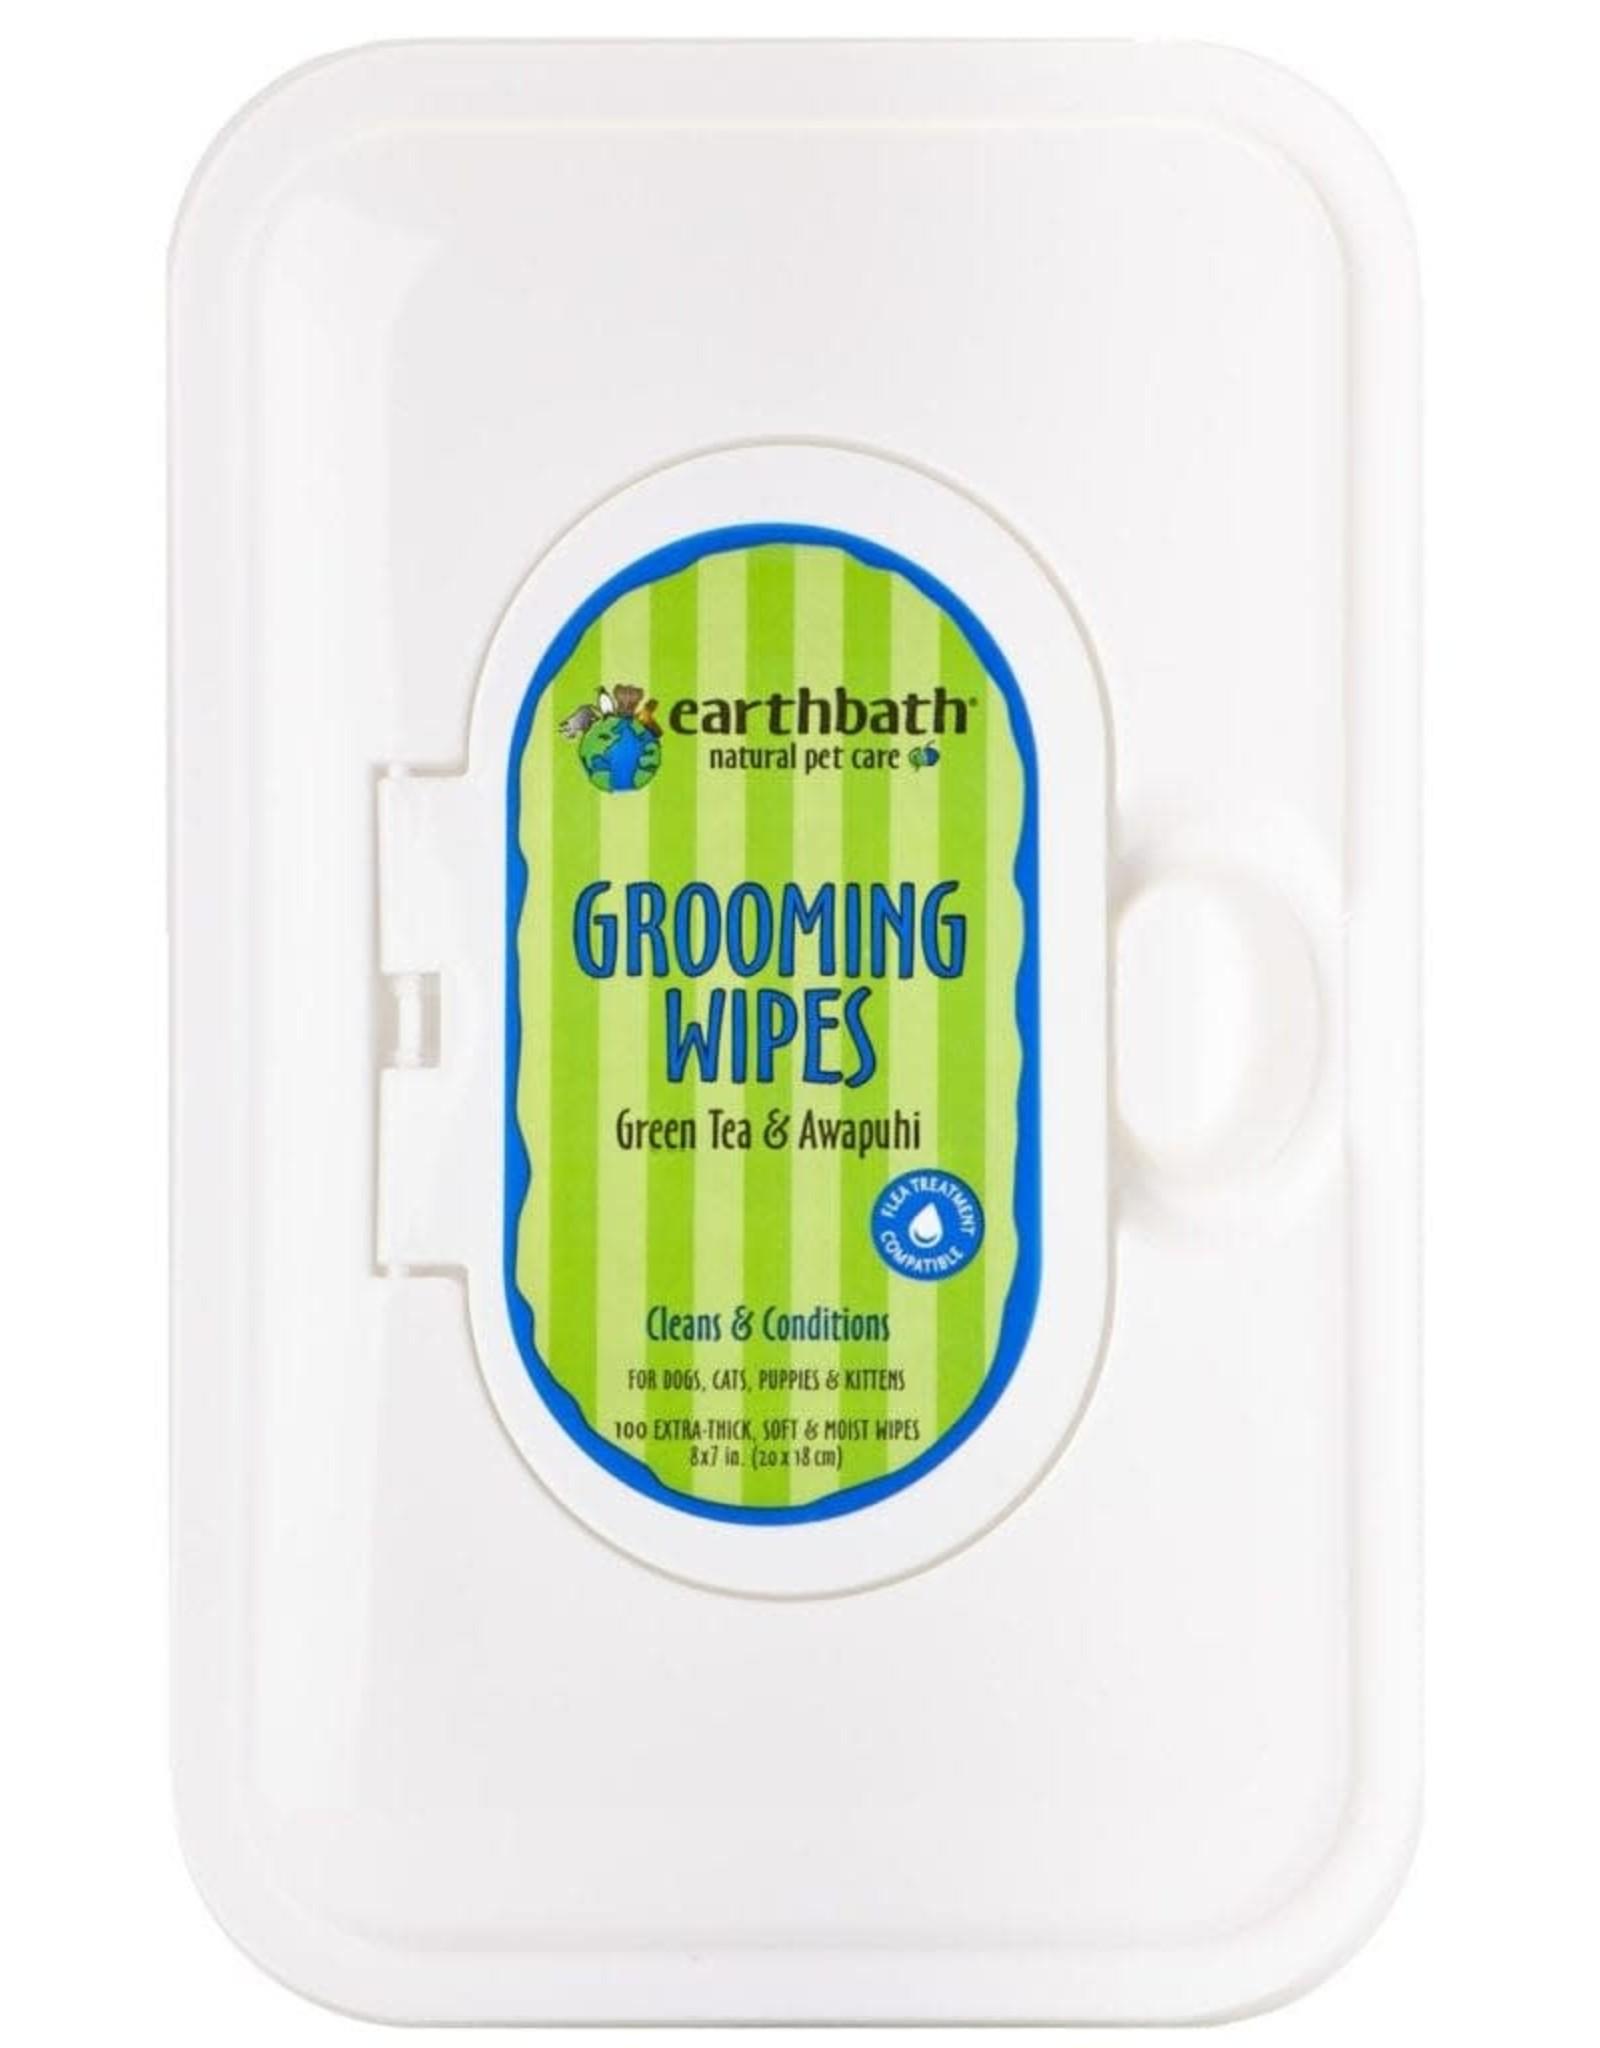 Earthbath EARTHBATH Grooming Wipes Green Tea